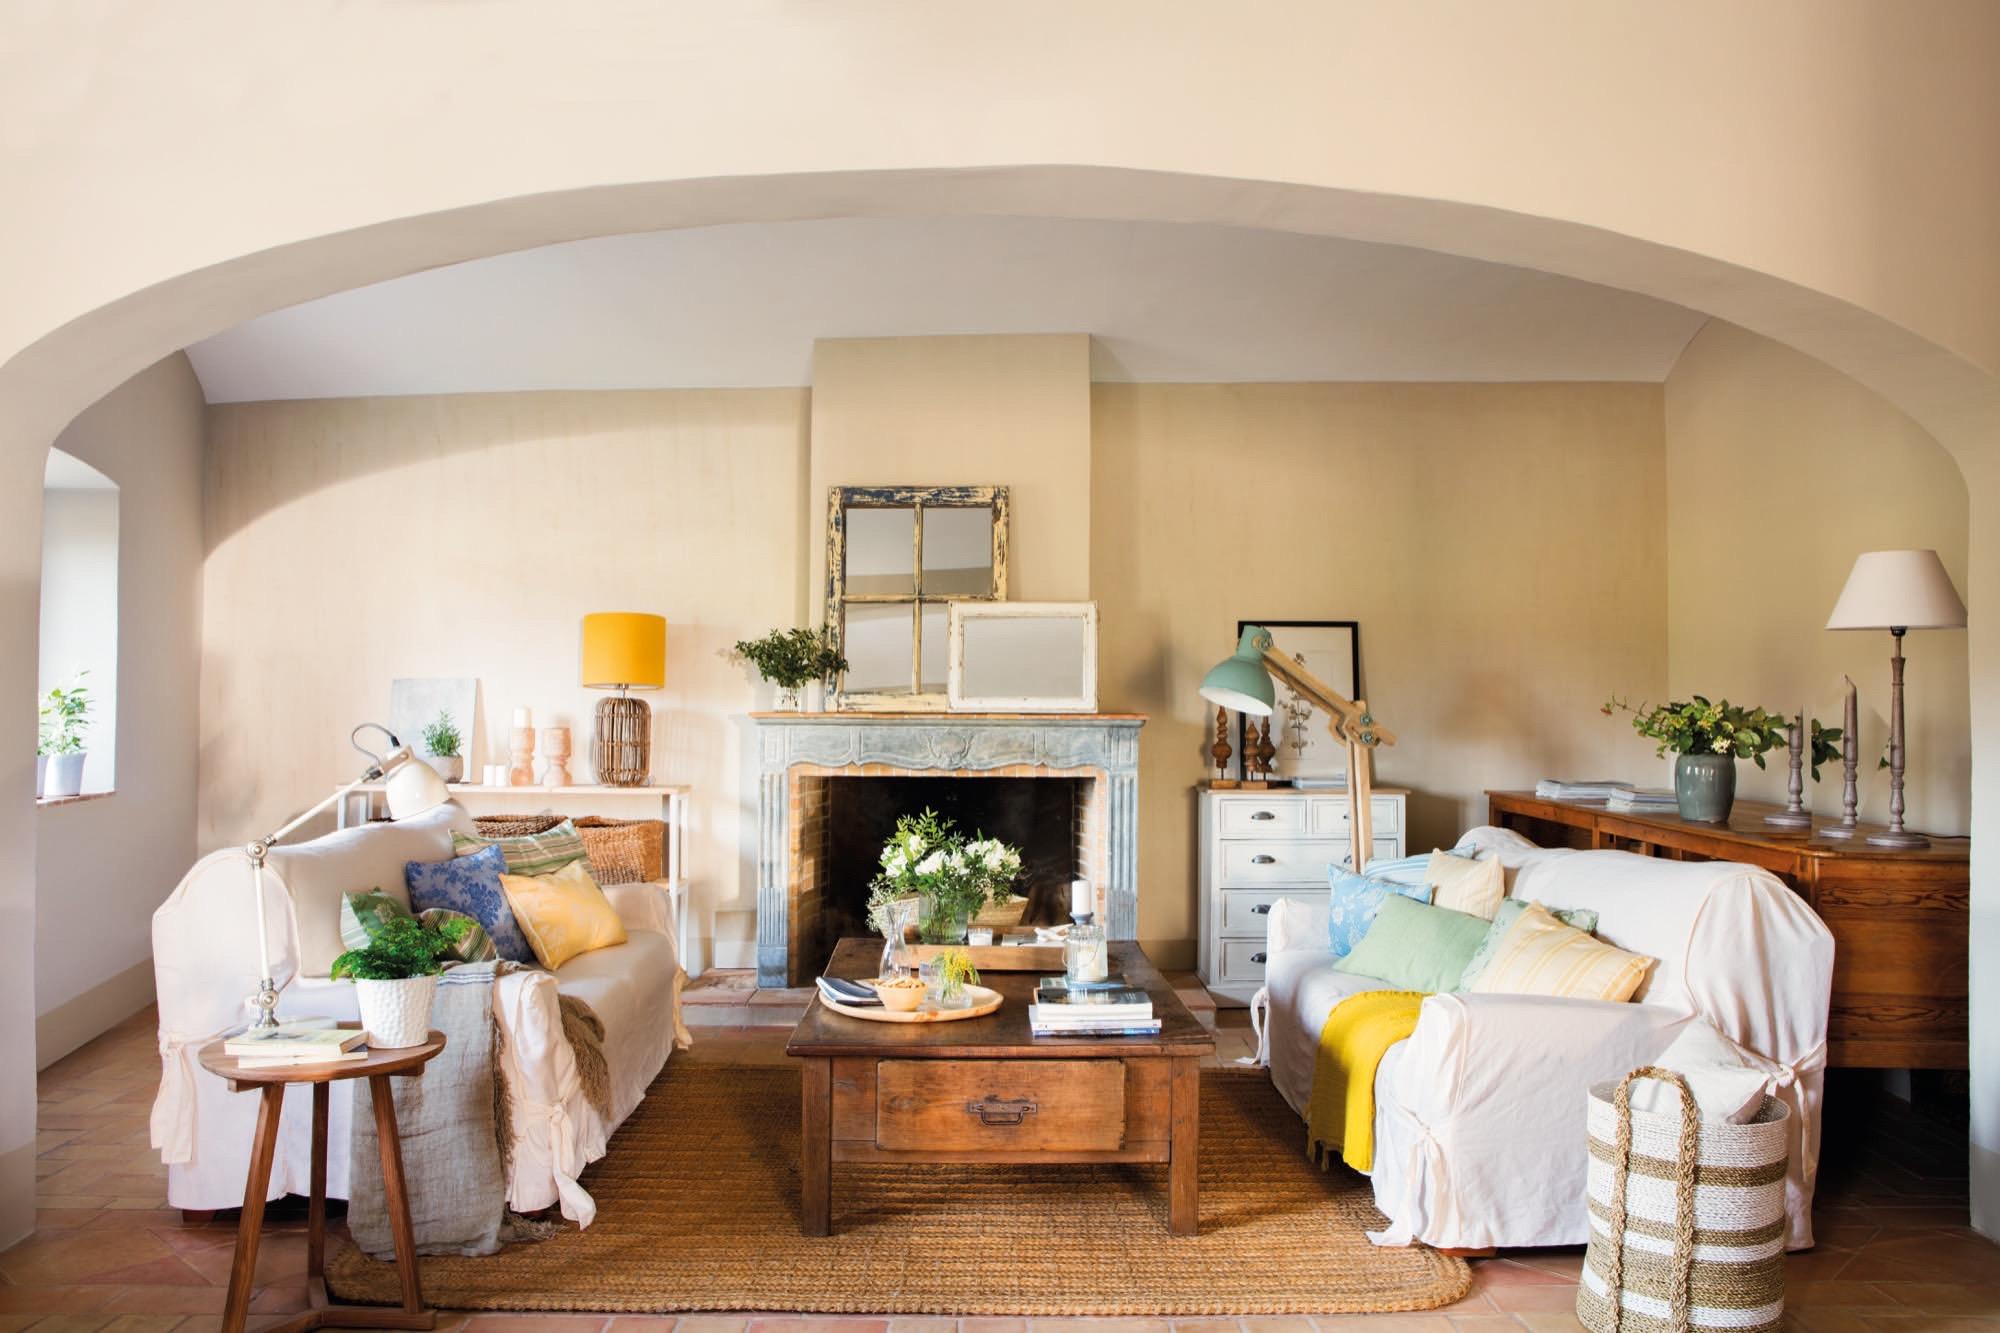 La casa con chalk paint de neus de crea decora recicla - Crea decora y recicla ...